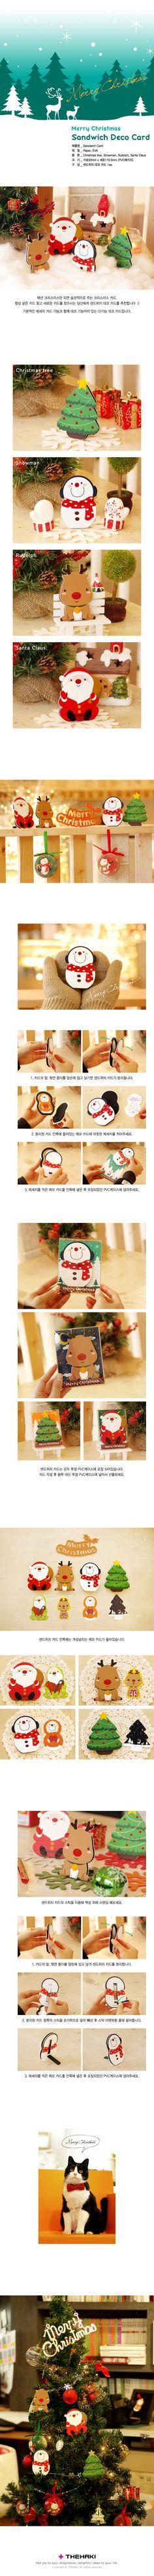 Открытка-шкатулка 'Sandwich Card' Santa купить в интернет-магазине PichShop, цена в Москве